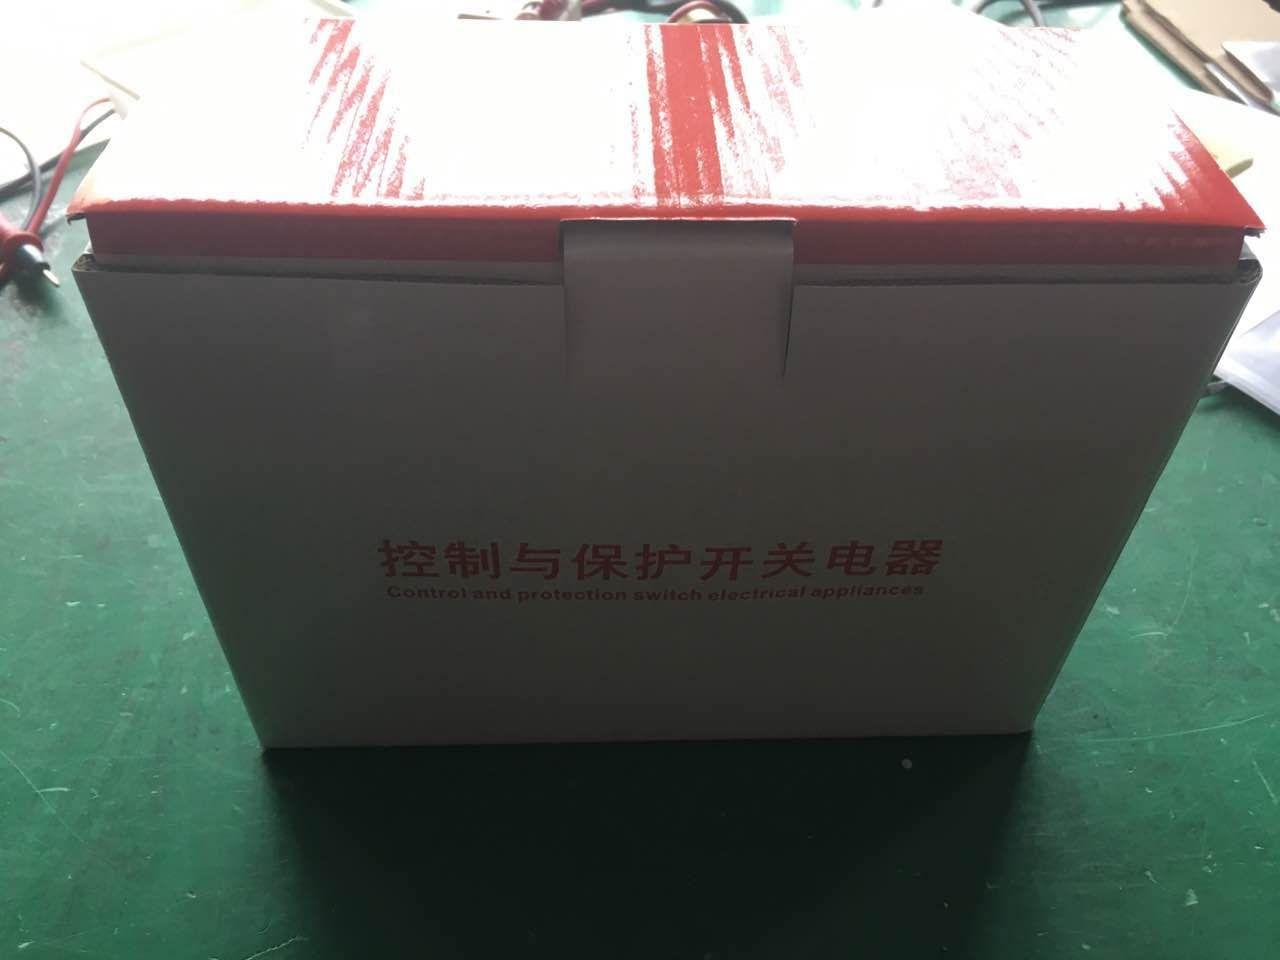 中山神湾YHLC-6.3/0.45-14低压串联电抗器效果好吗?